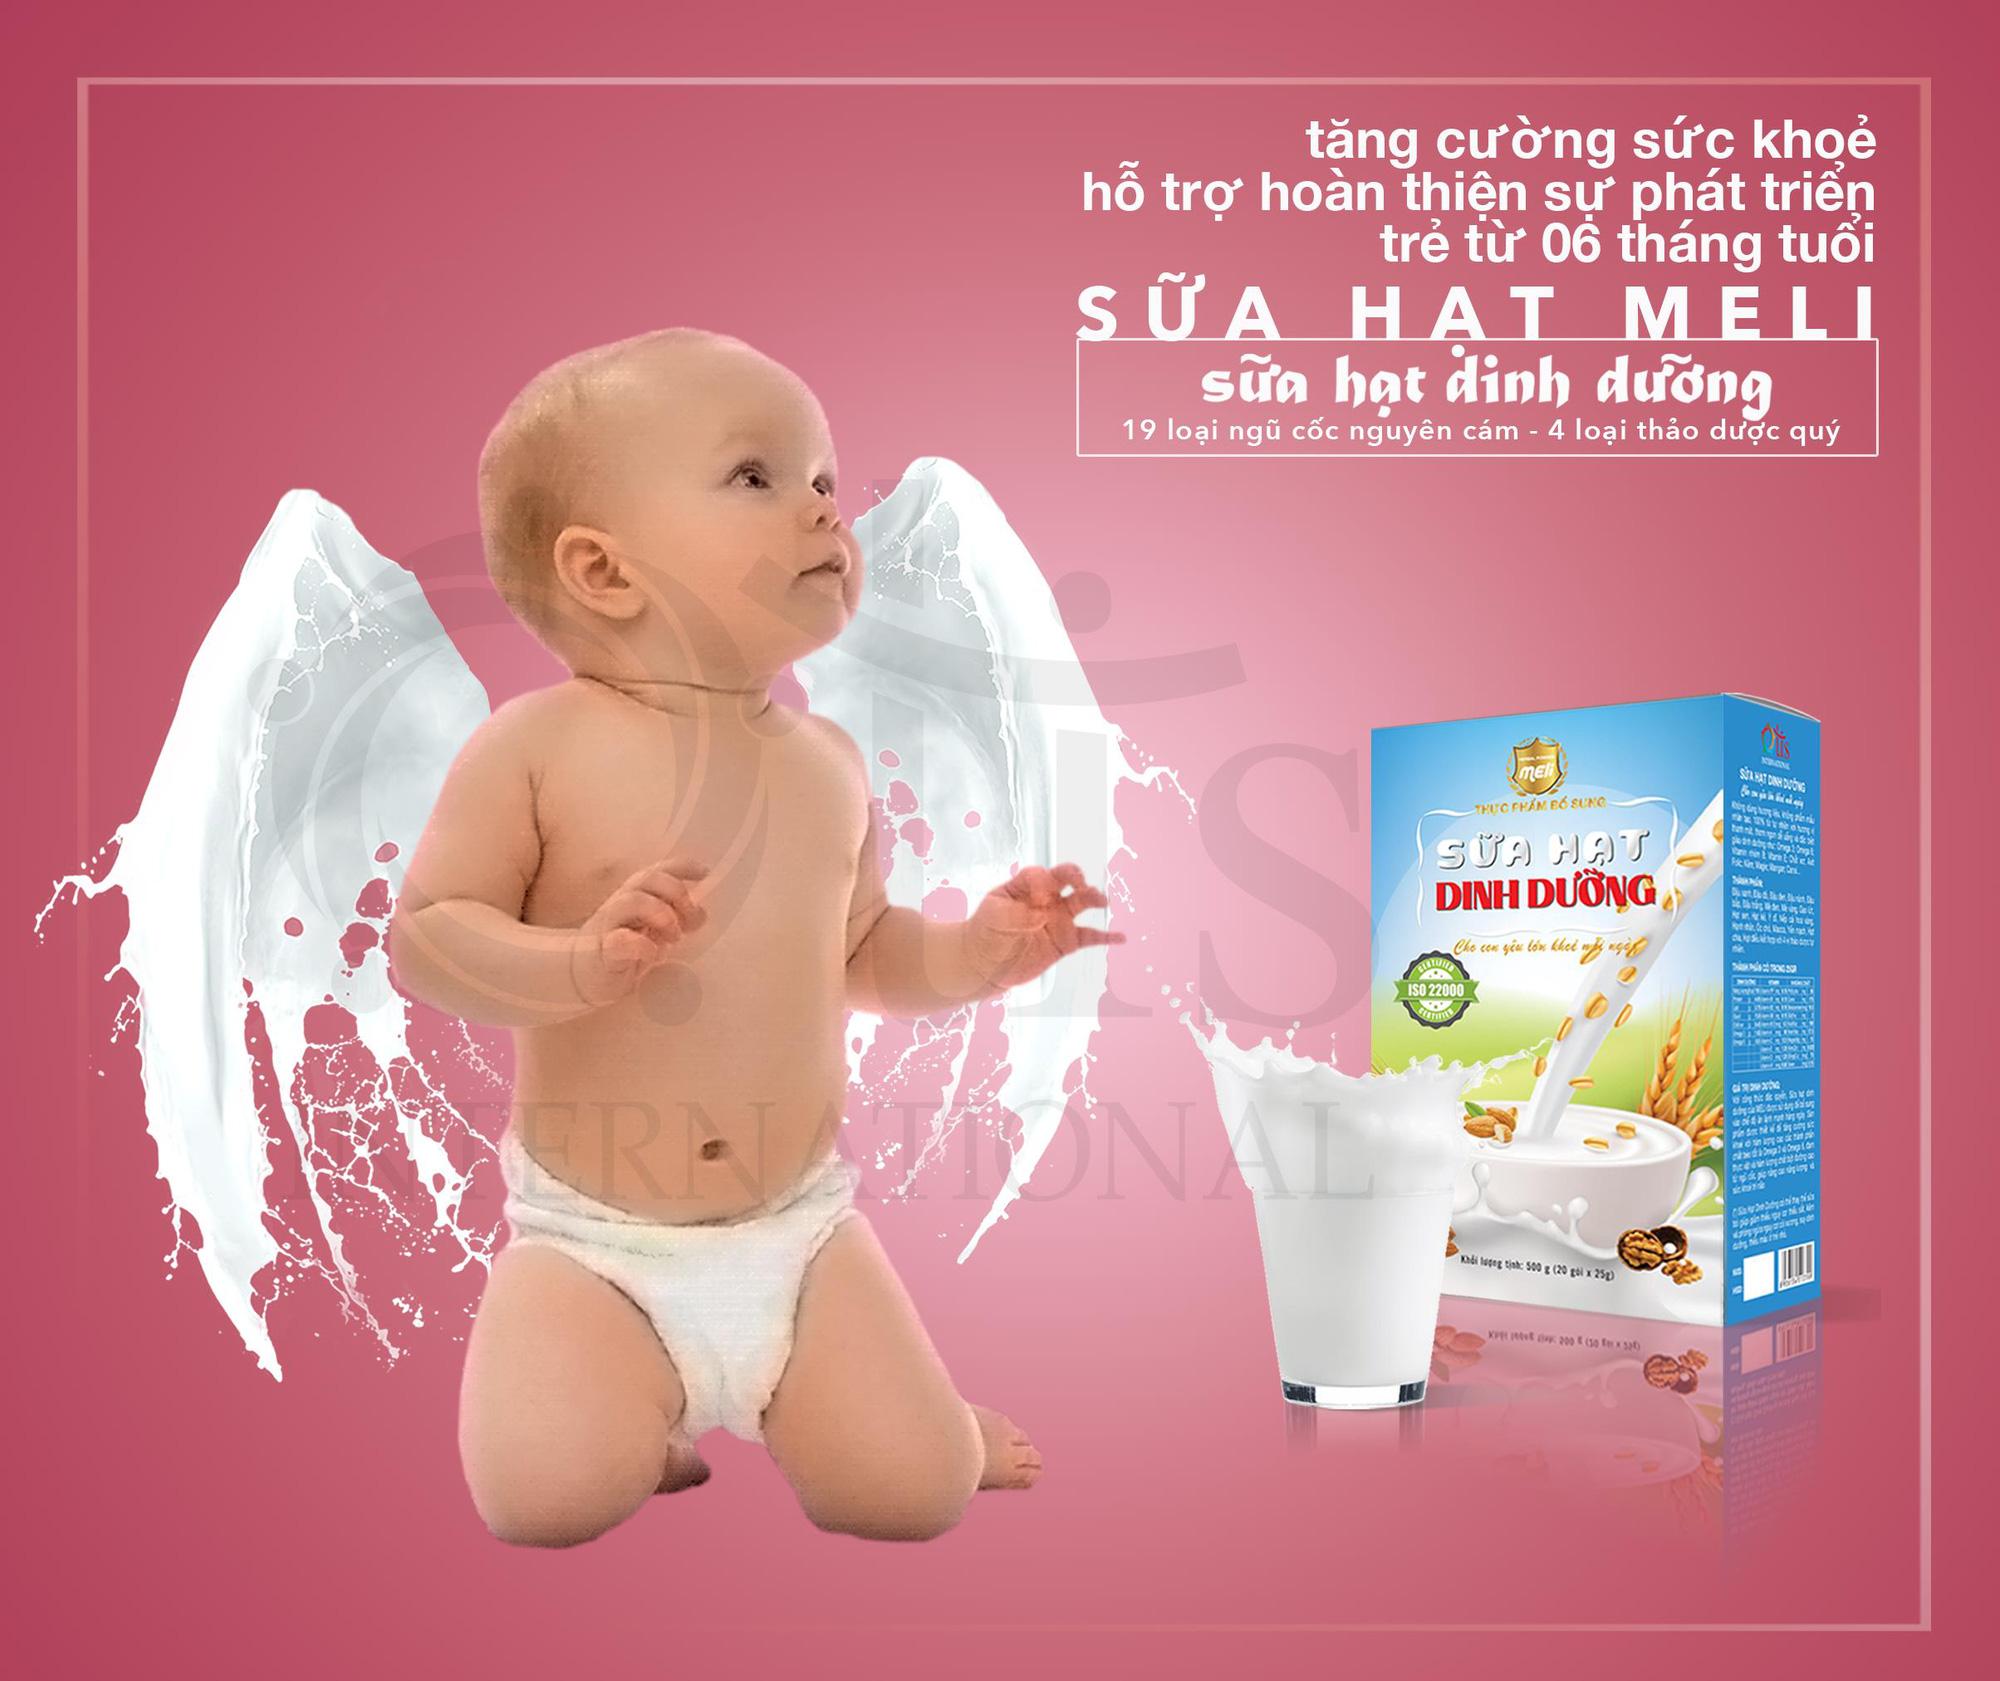 Sữa hạt dinh dưỡng – Thực phẩm lý tưởng cho trẻ em - Ảnh 5.